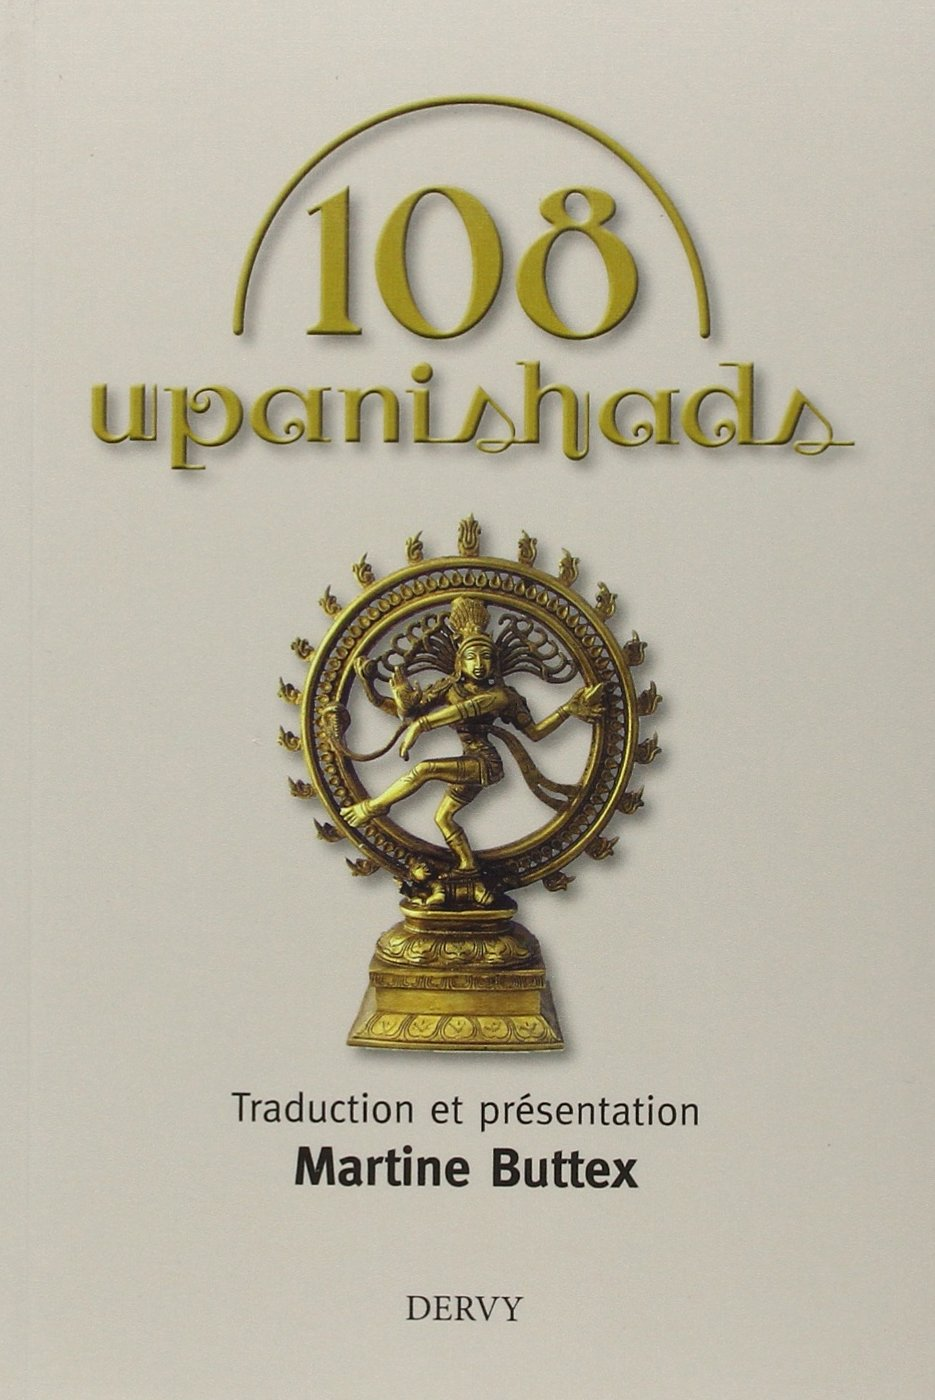 """Résultat de recherche d'images pour """"108 upanishad"""""""